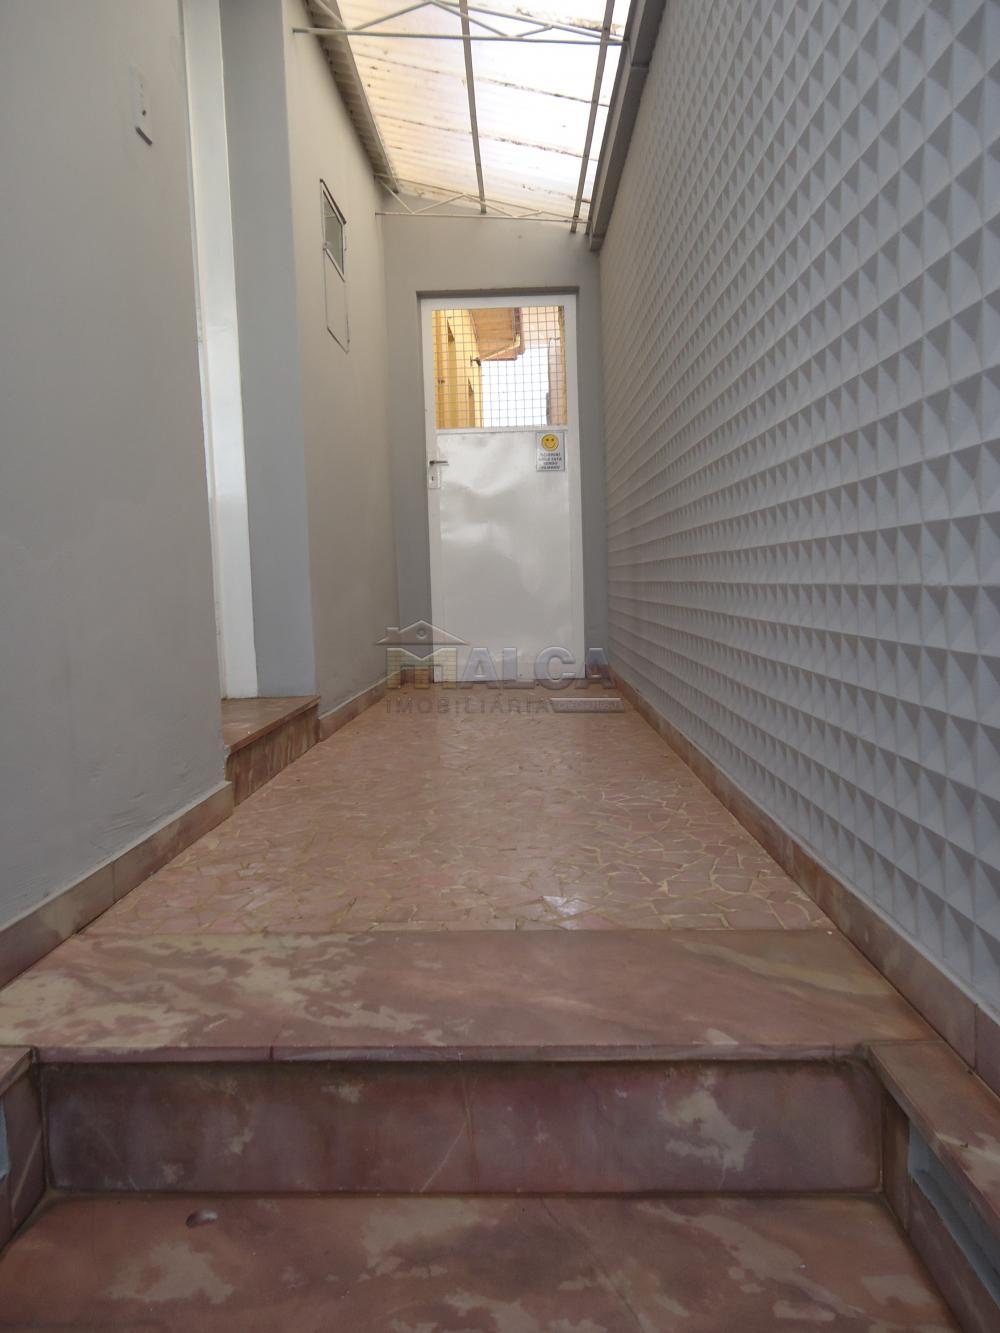 Alugar Casas / Padrão em São José do Rio Pardo R$ 1.700,00 - Foto 2